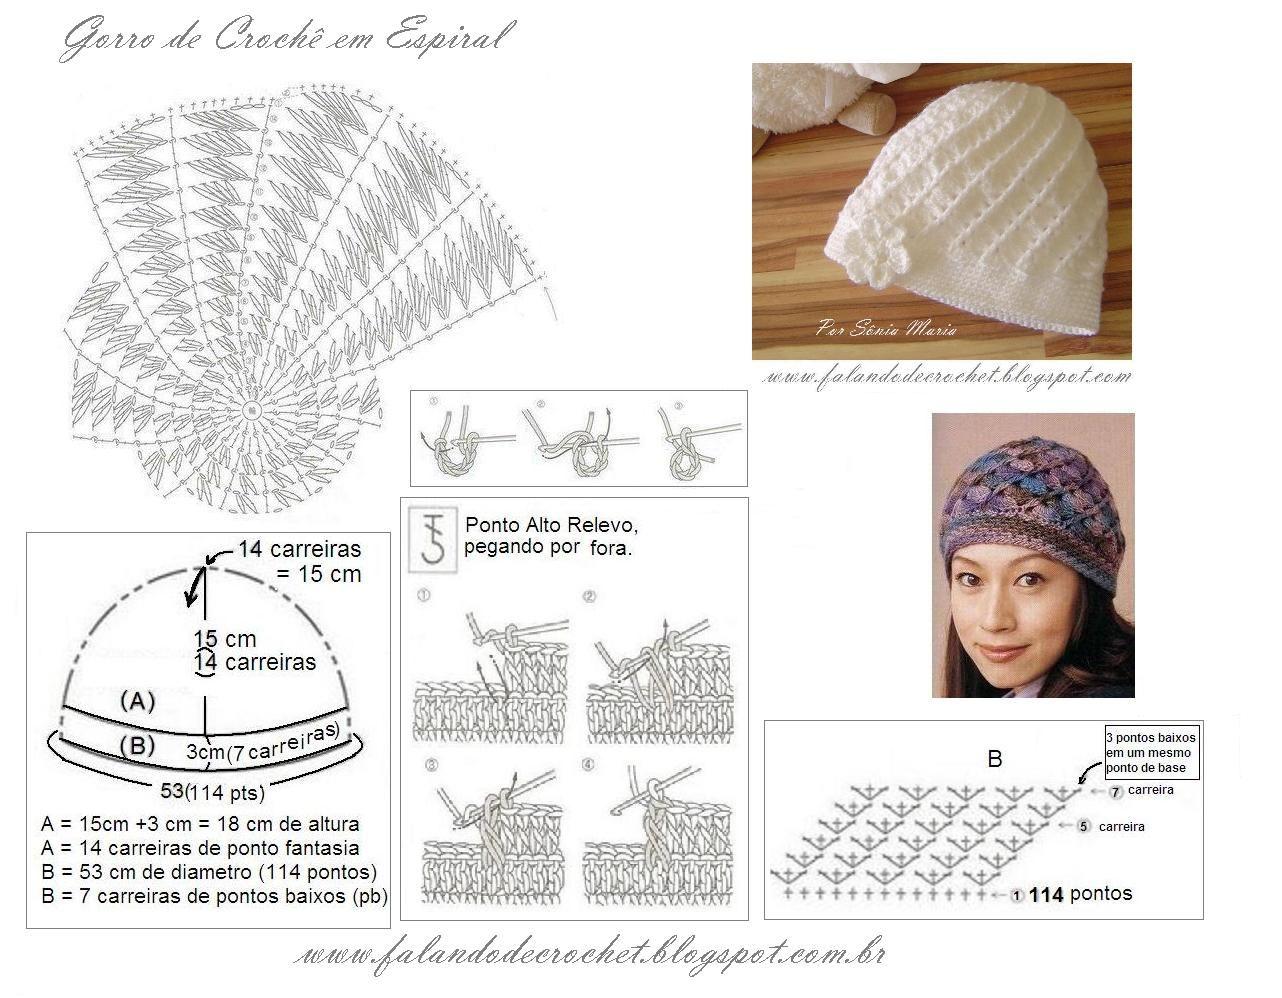 modelos de top en crochet - Buscar con Google | Gorros | Pinterest ...